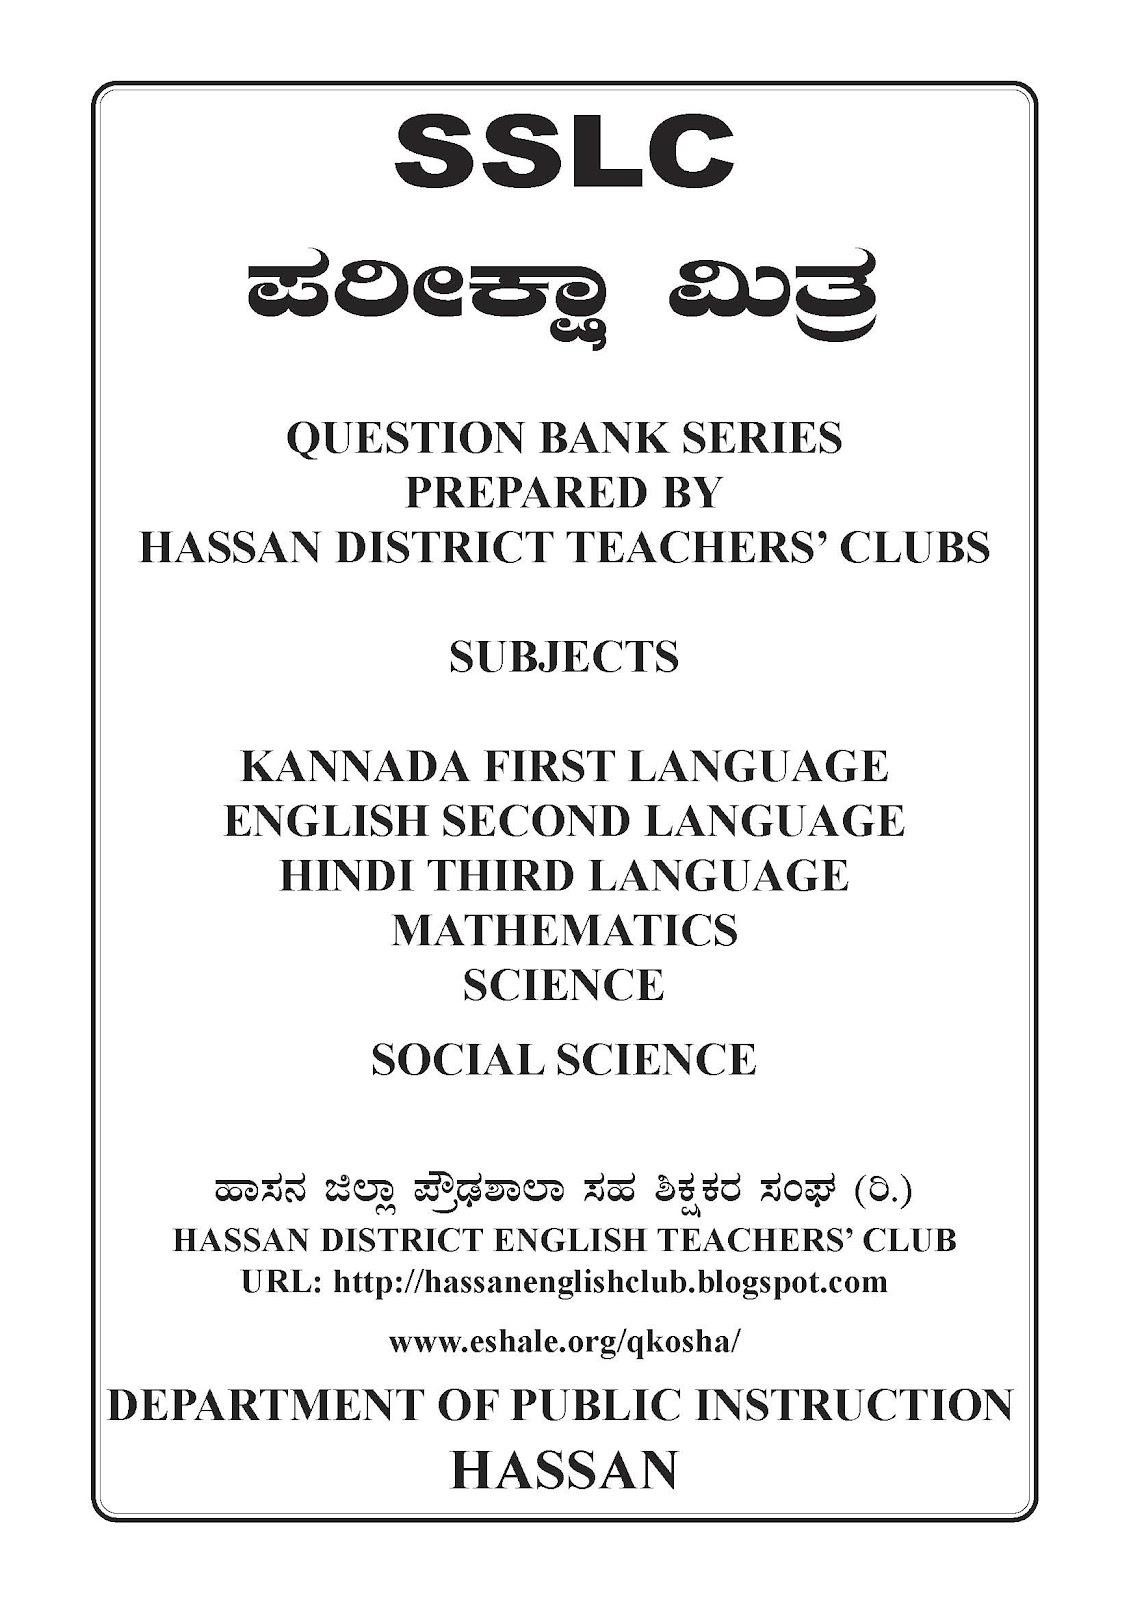 SSLC Question Bank Series - Pareeksha Mitra - Kannada, English, Hindi,  Maths, Science, Social Science